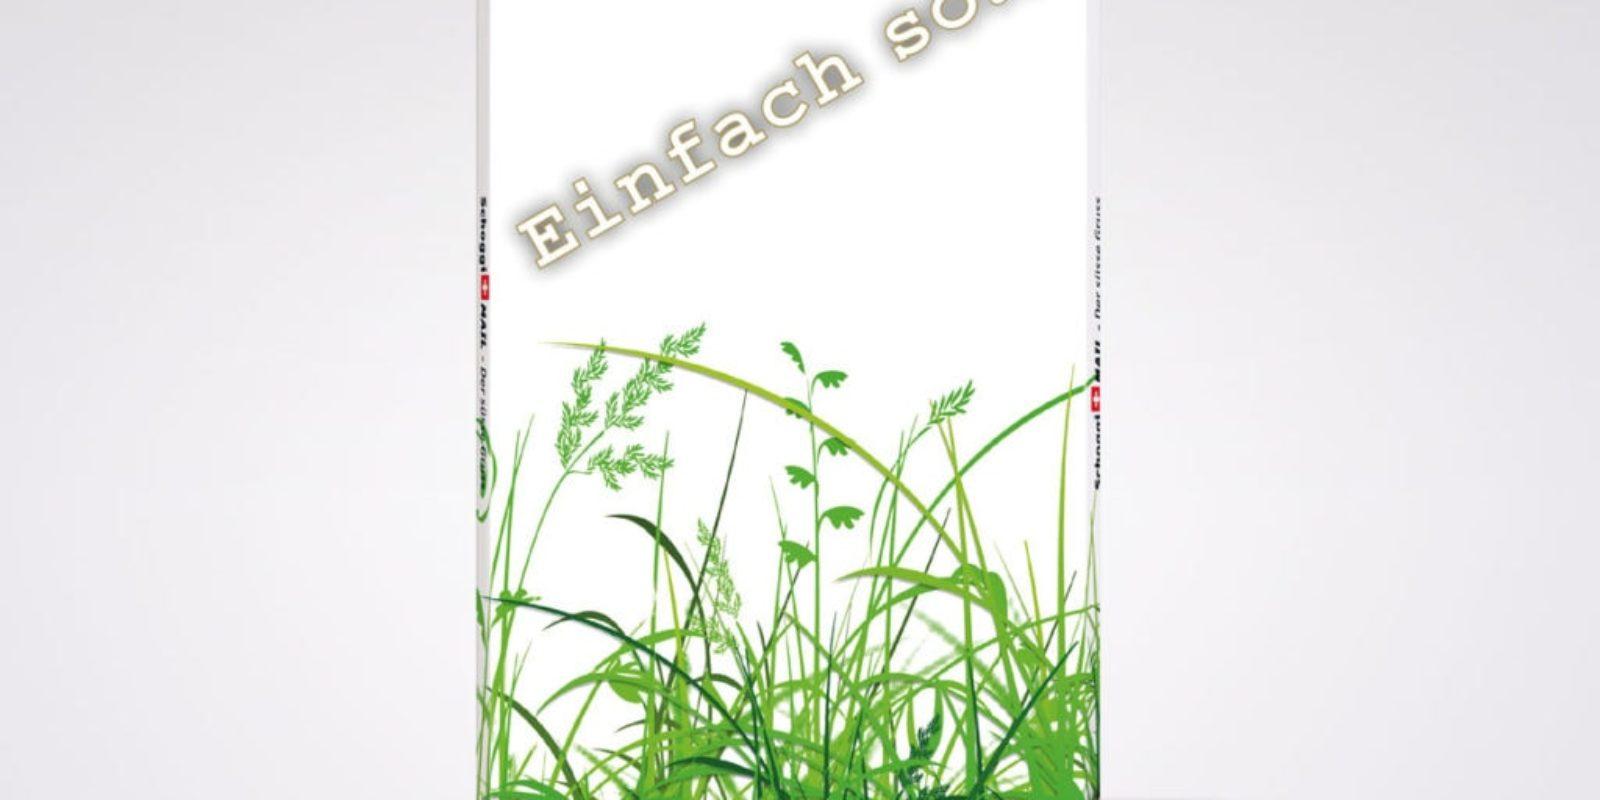 1137851-SchoggiMAIL-Einfach-so_front